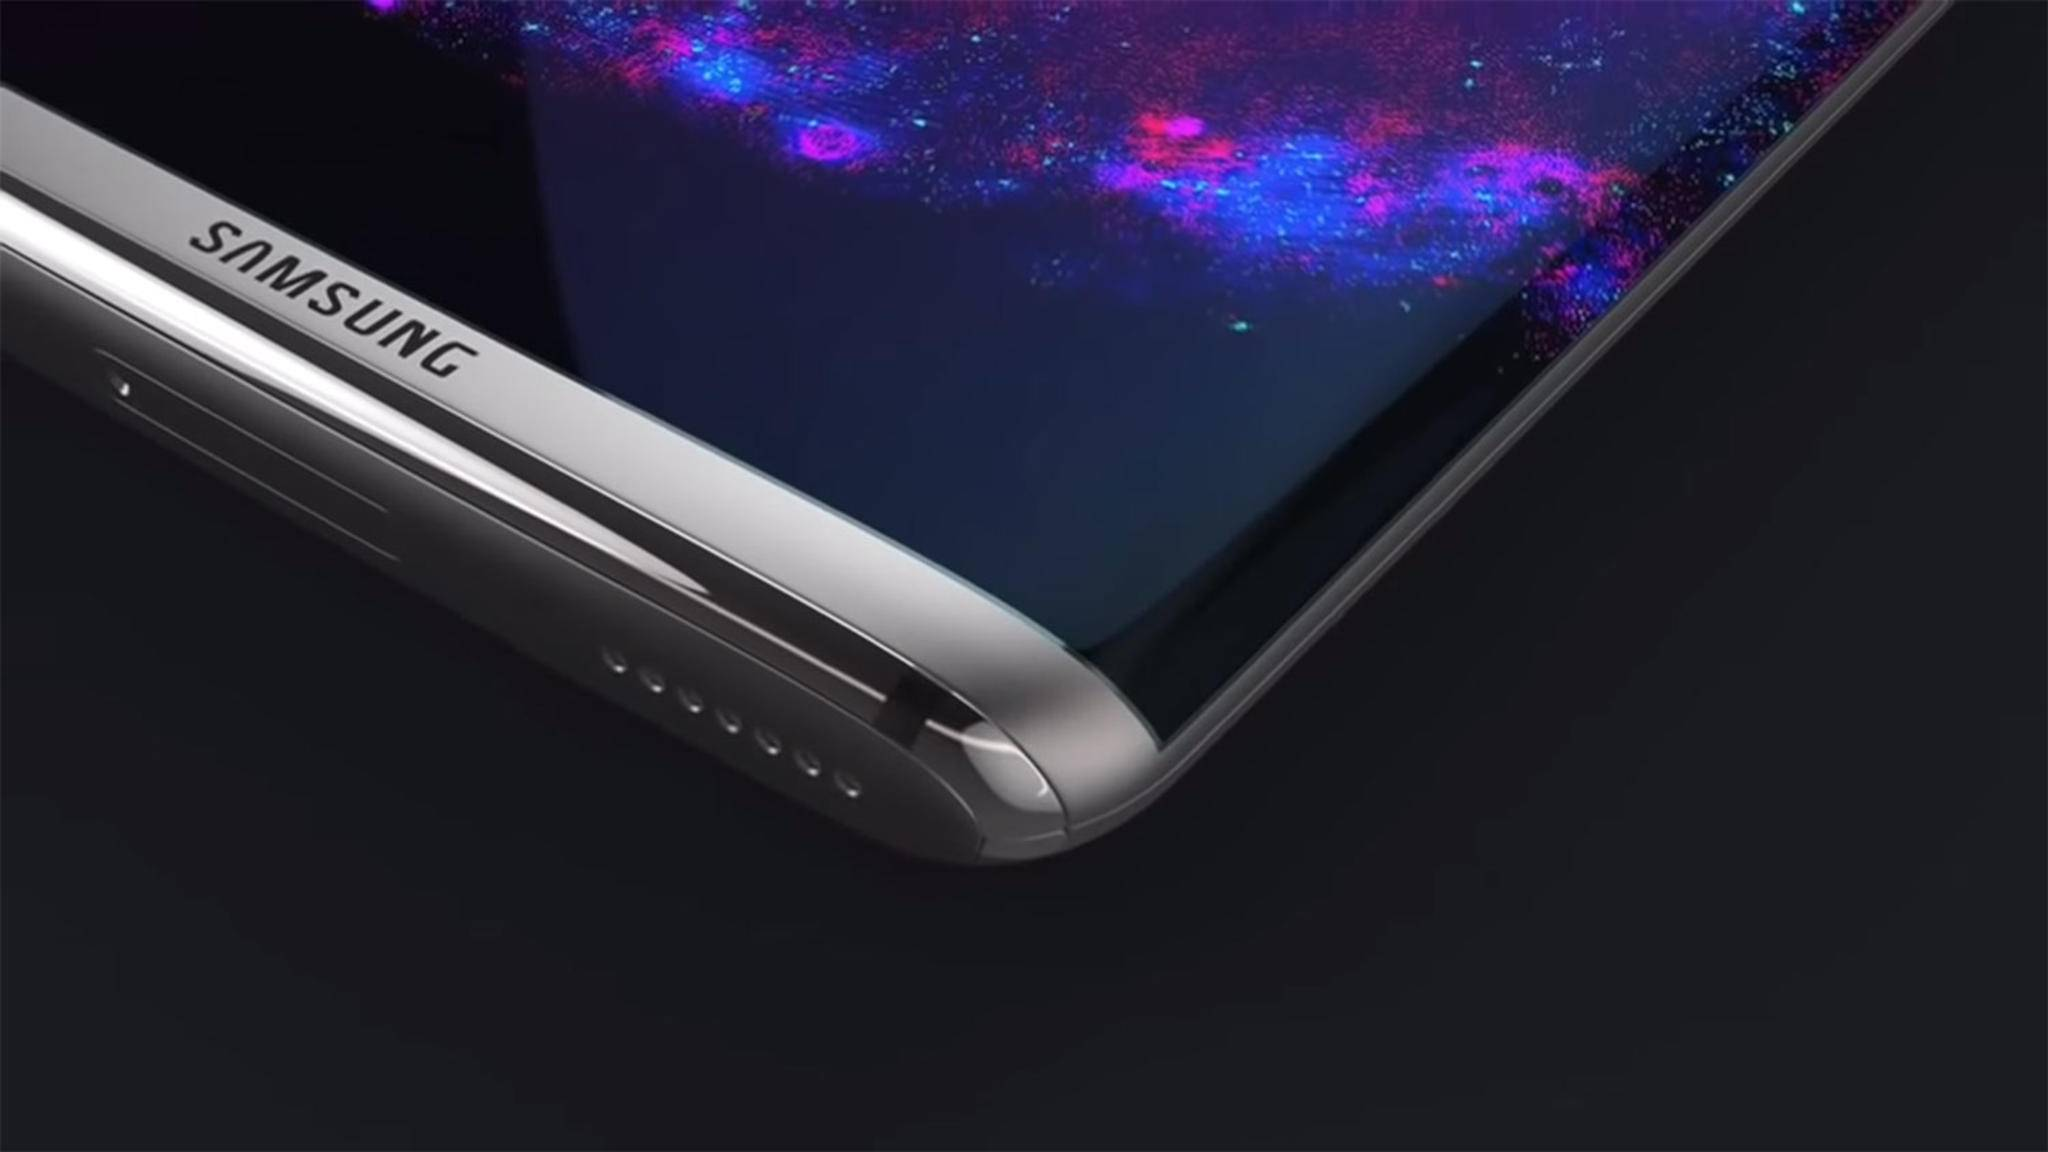 Verzichtet Samsung beim Galaxy S8 auf den Home-Button?